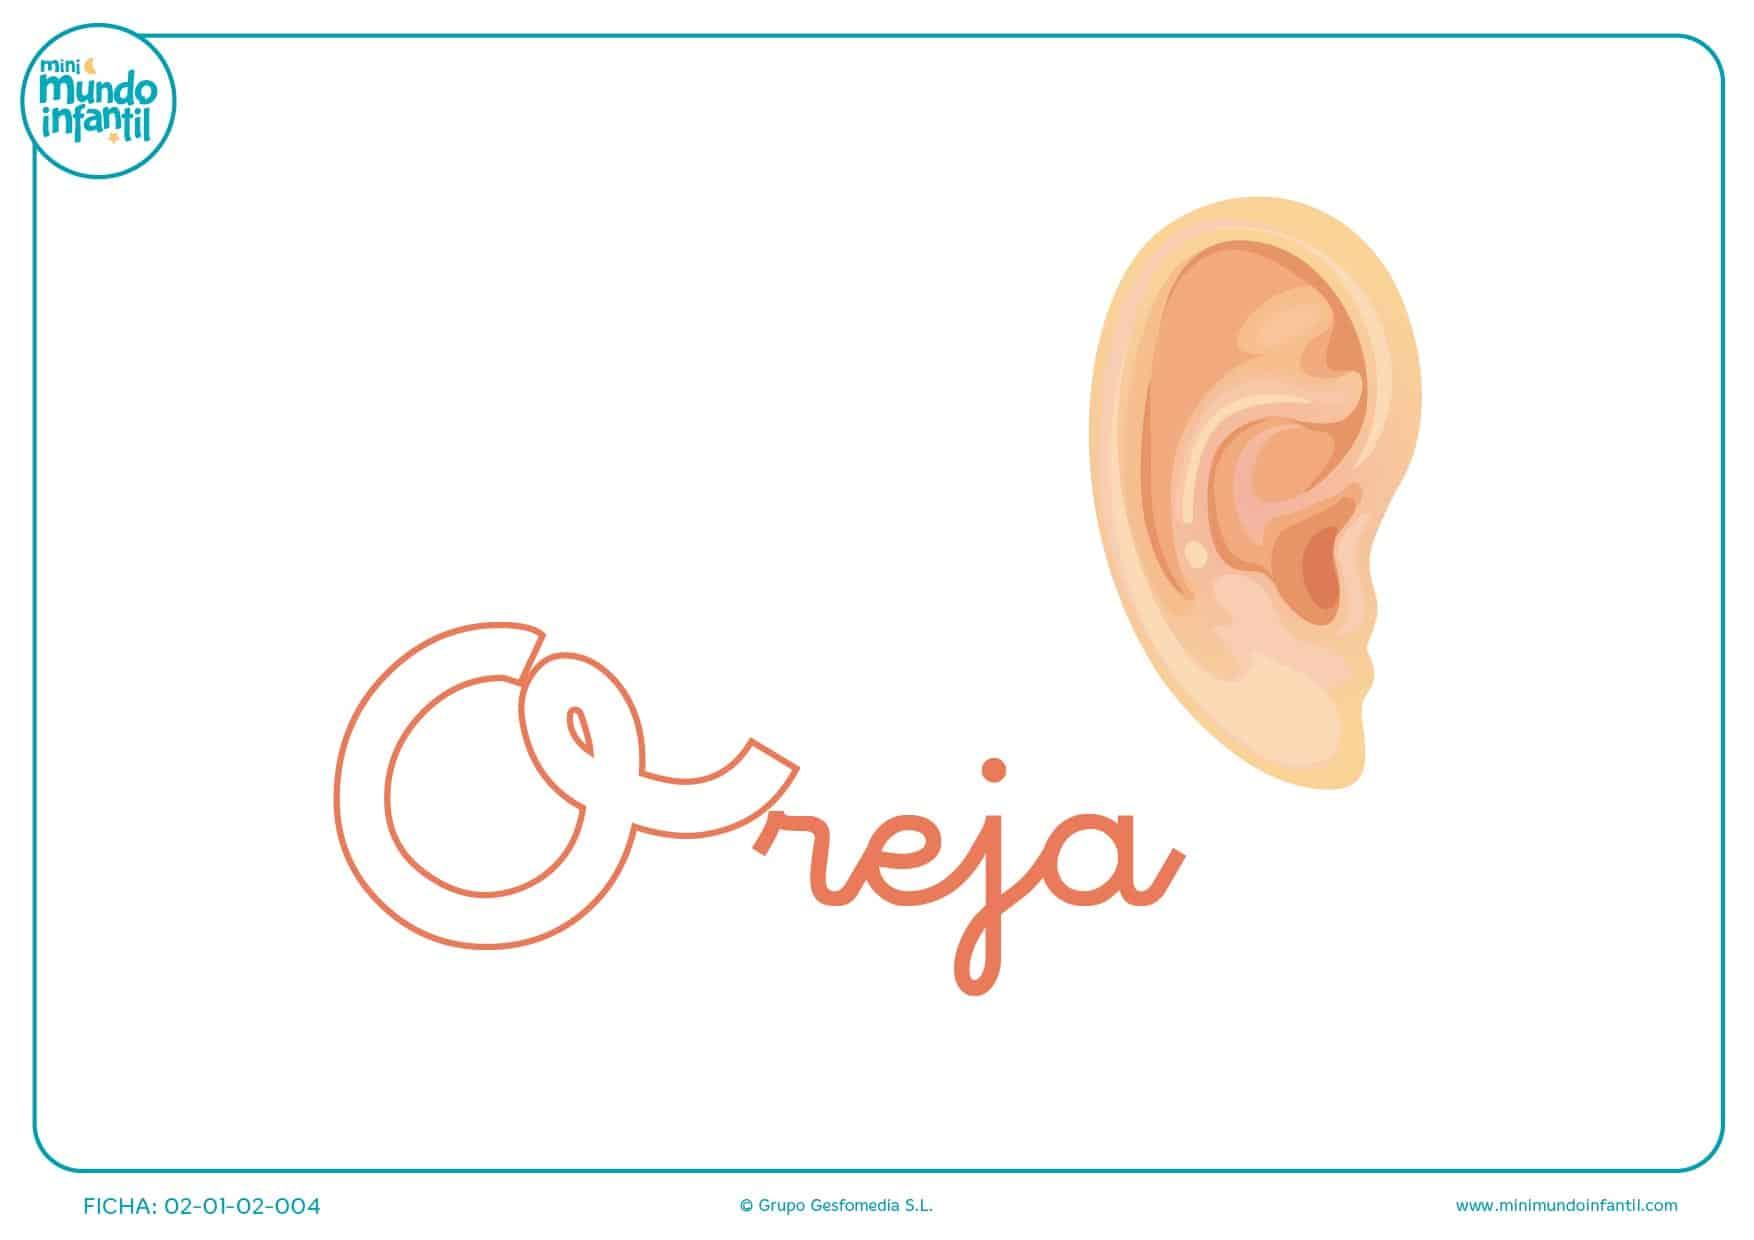 Letra o de oreja en minúsculas para completar